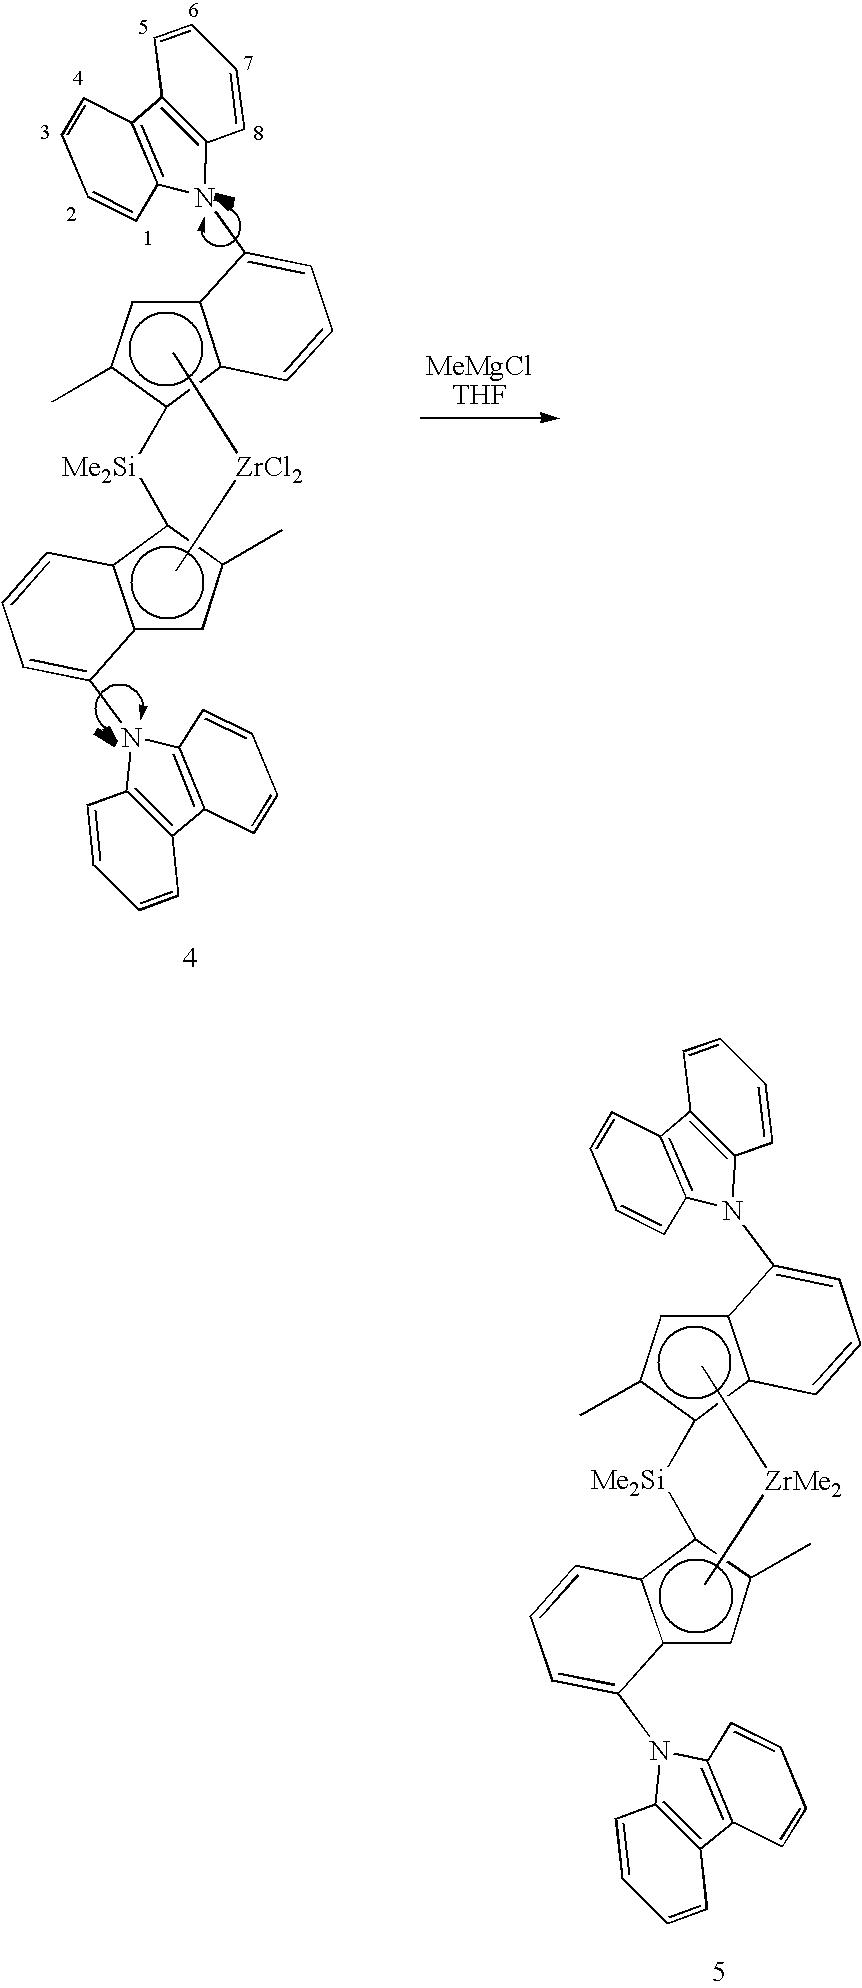 Figure US20090186995A1-20090723-C00008